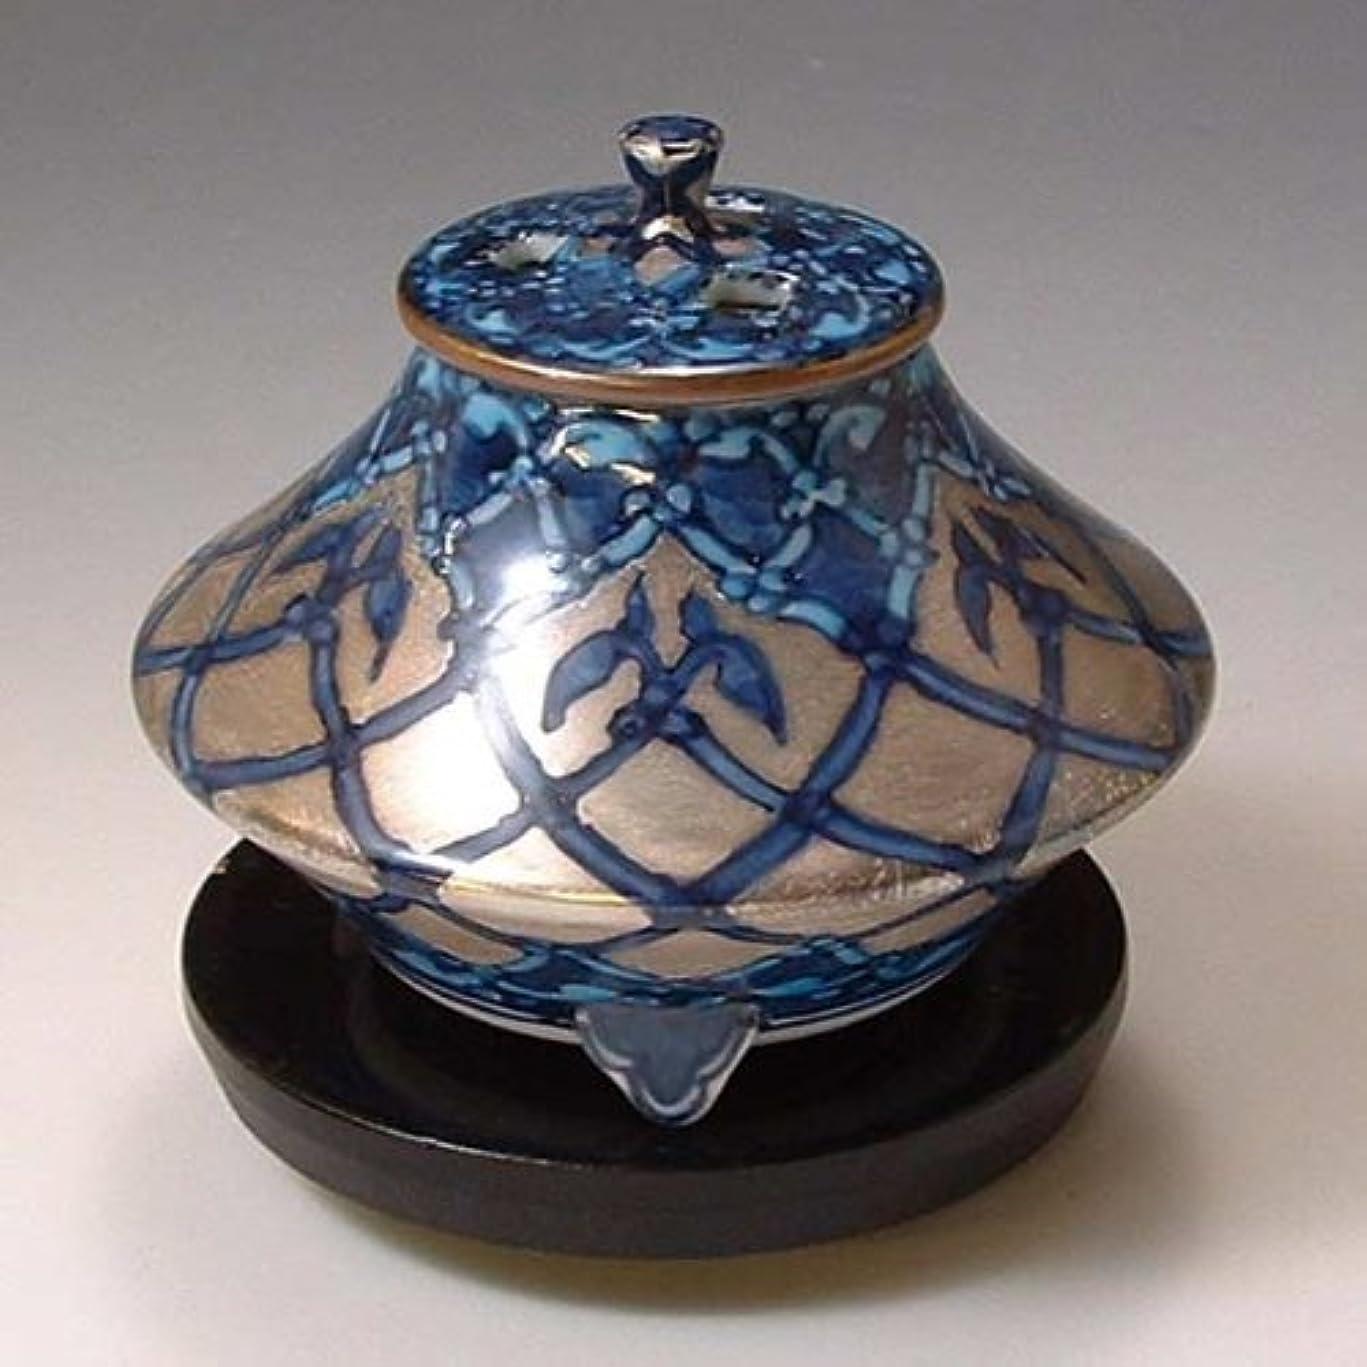 確かめるゴミ箱ブリッジ京焼 清水焼 香炉(黒台付) 銀モスク ぎんもすく YKY110